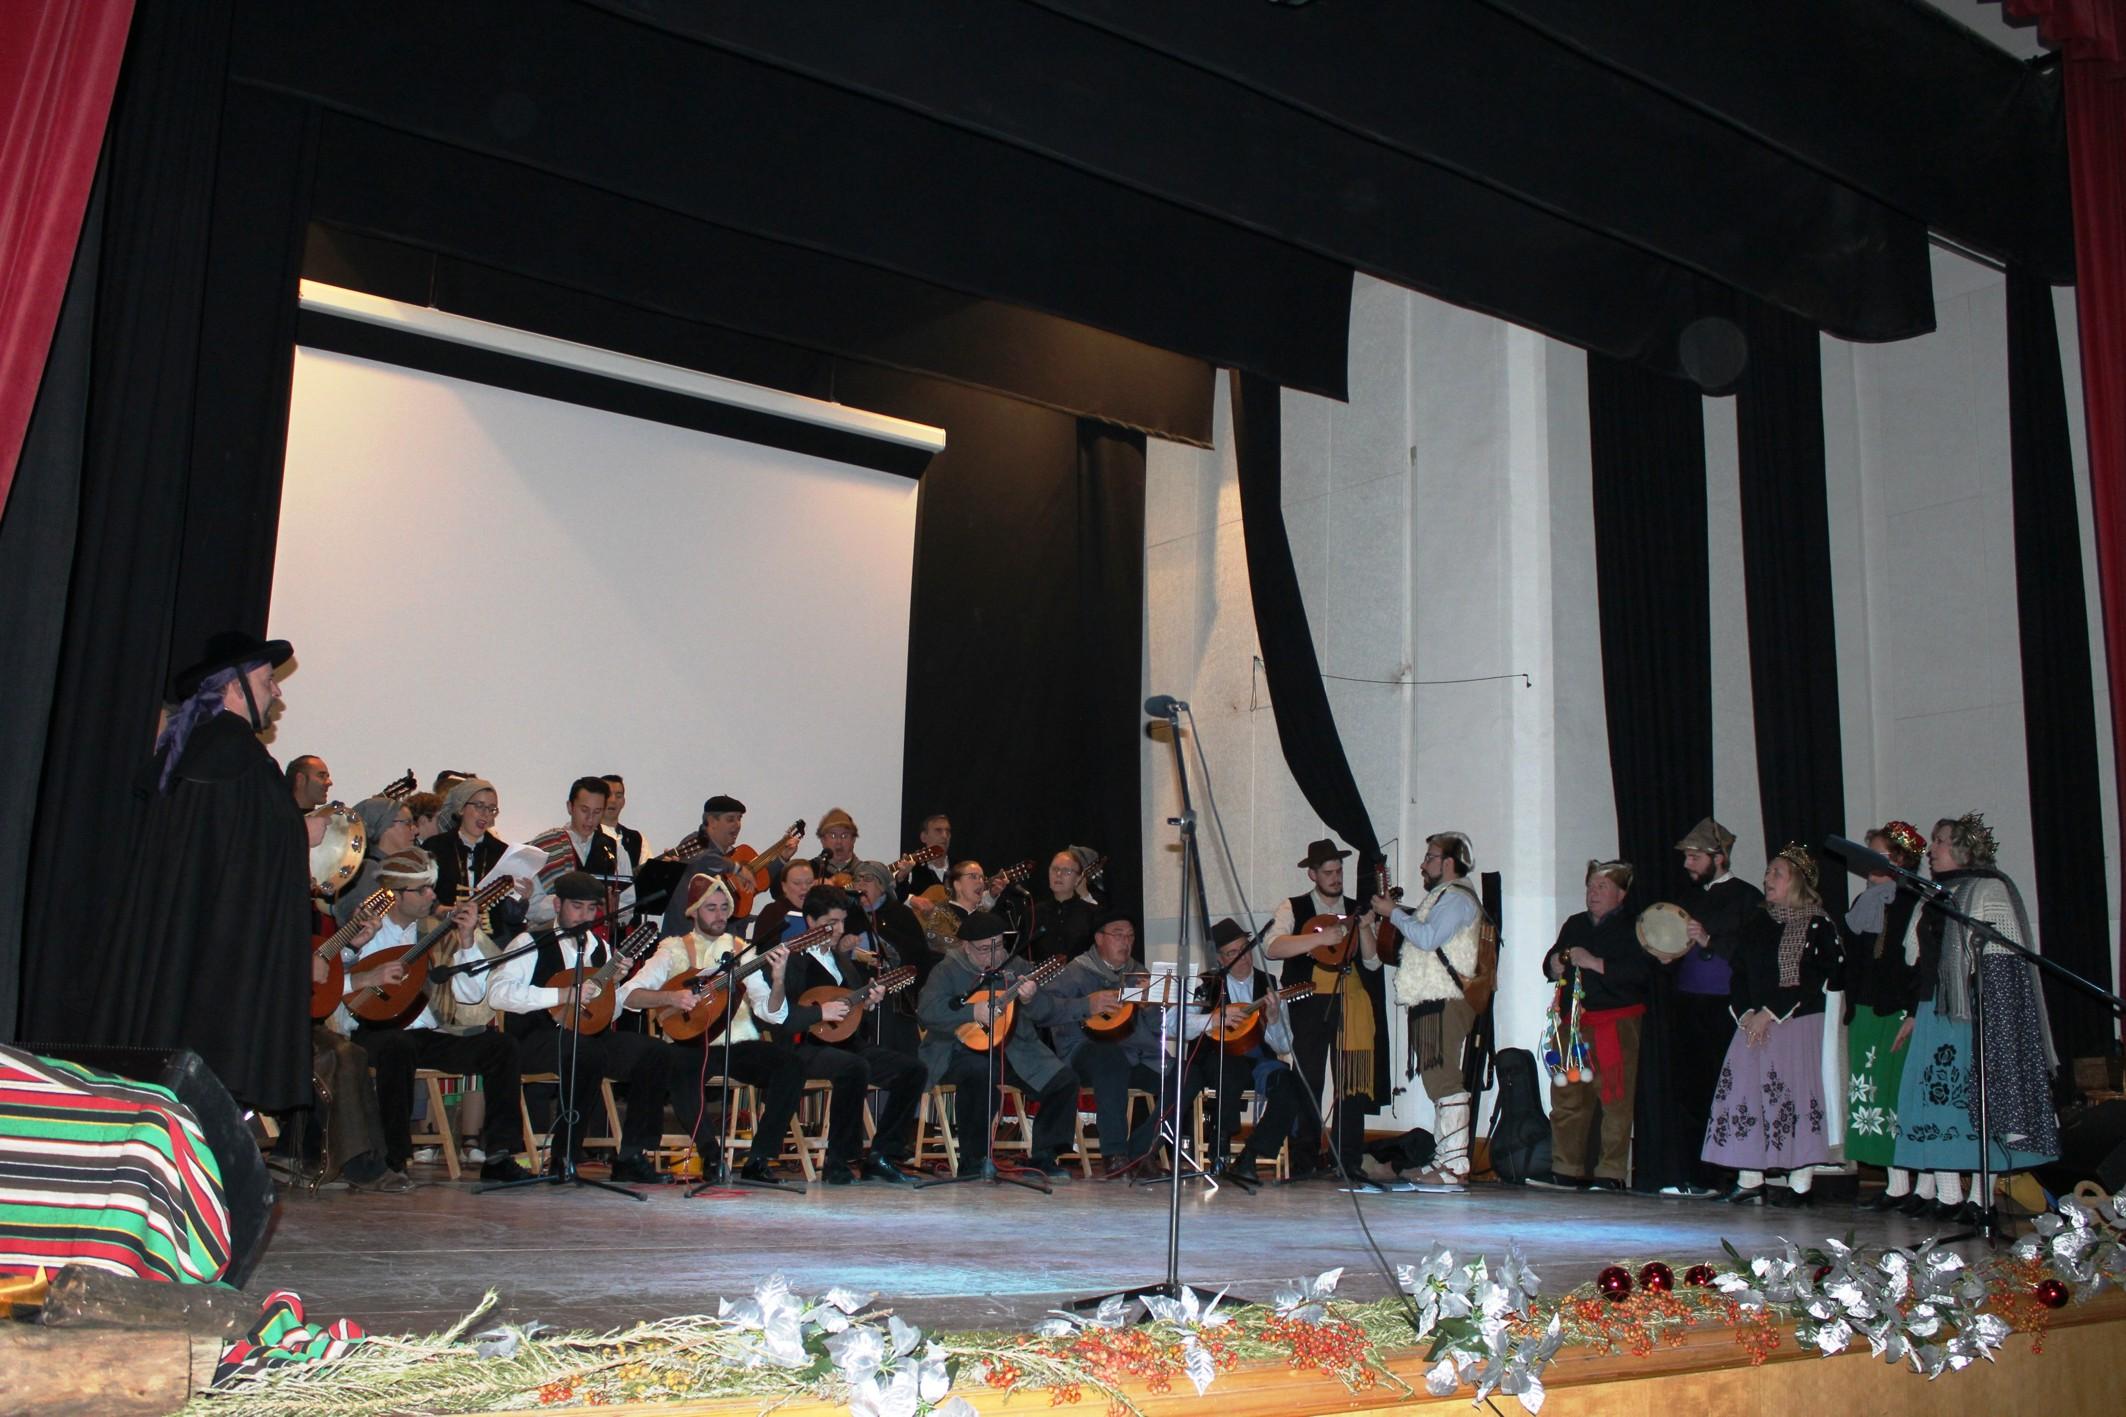 La Asociación 'Cruz de Santiago' felicita la Navidad con un concierto solidario y con su tradicional 'zambombá' en Villanueva de los Infantes